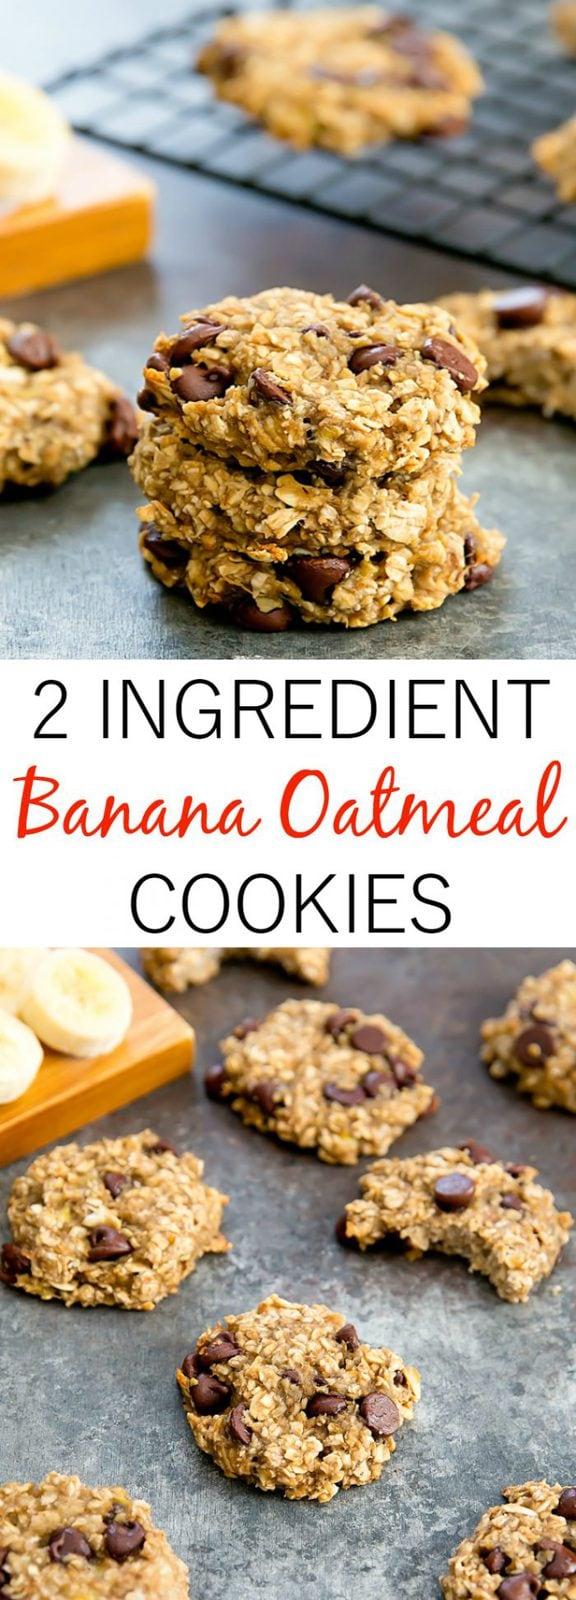 2 Ingredient Banana Oatmeal Breakfast Cookies